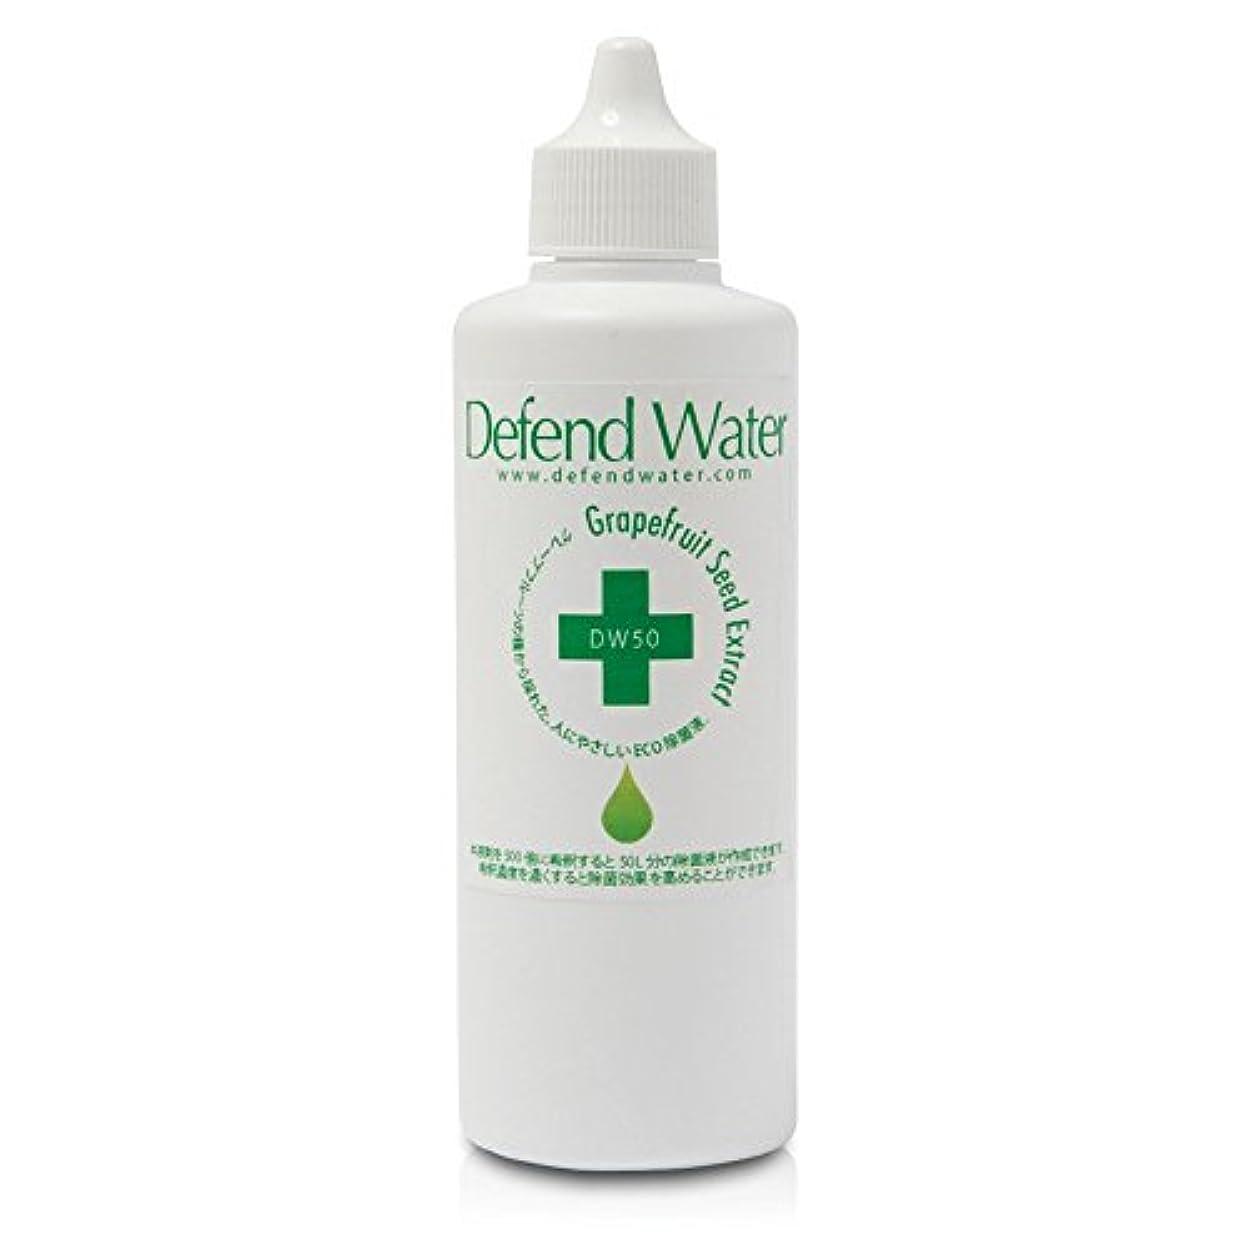 広々とした傑出した連続的アロマオイルと一緒に使う空間除菌液、天然エコ除菌液「ディフェンドウォーター」DW50